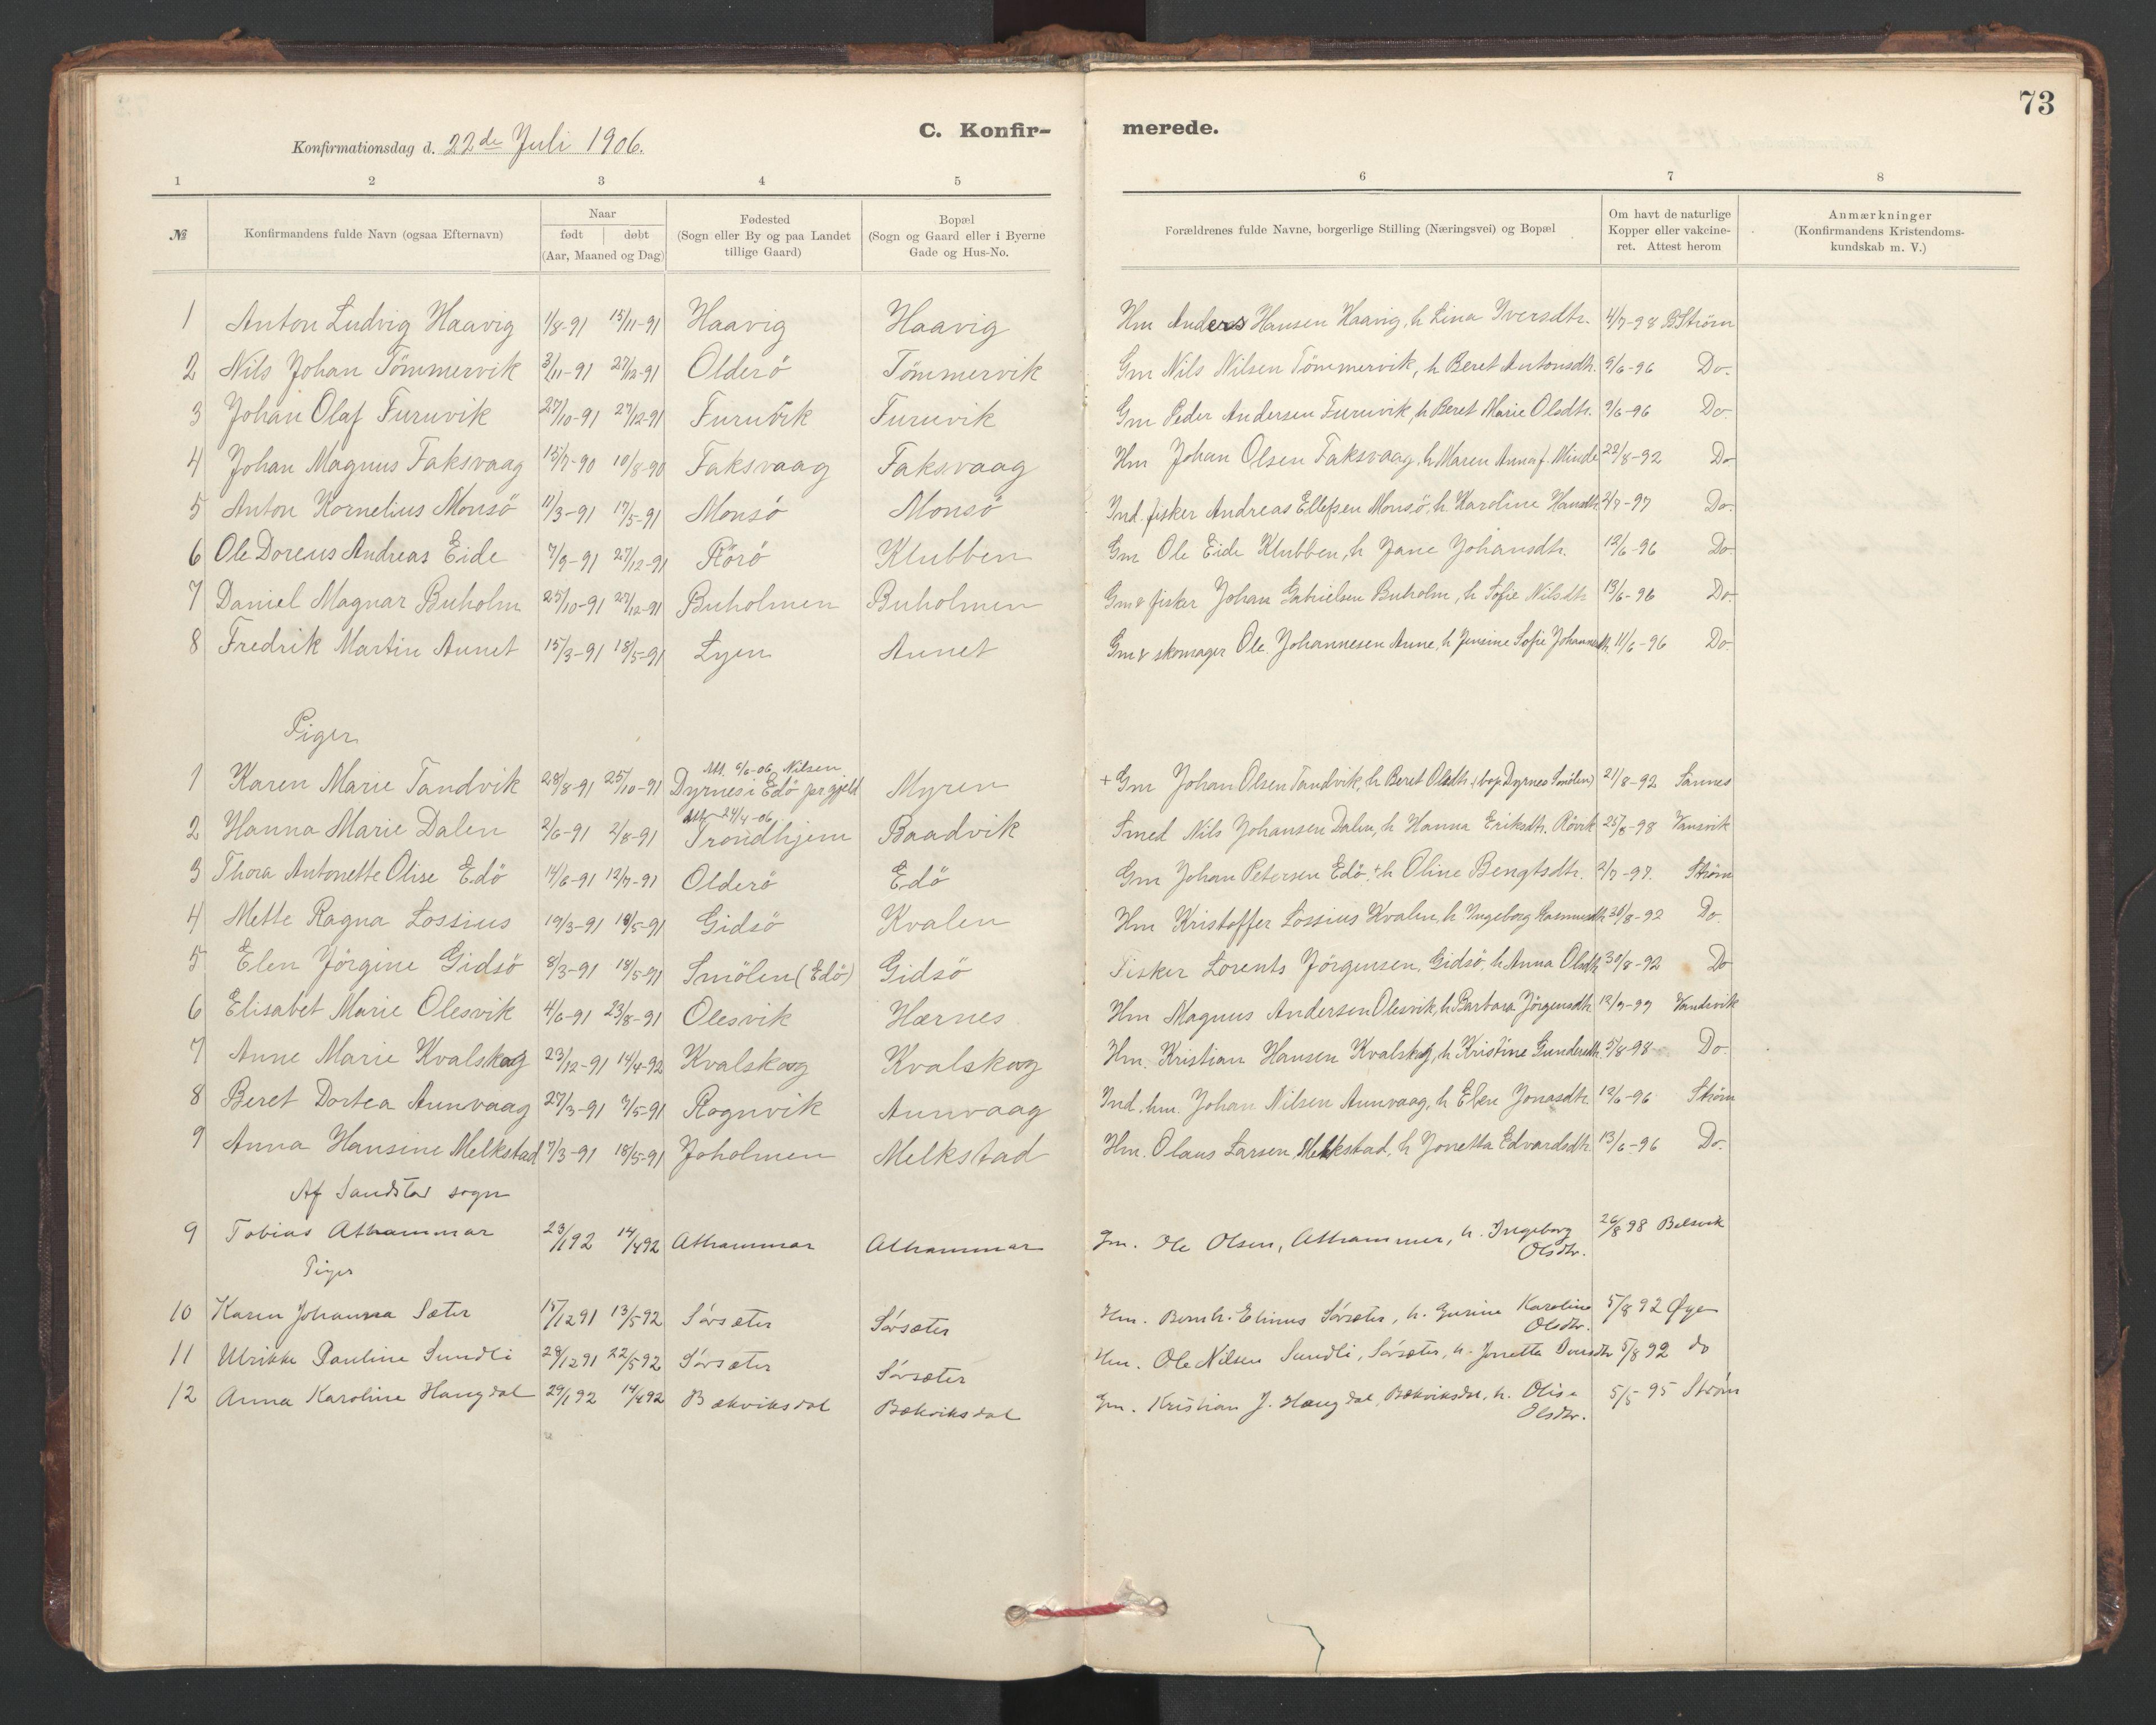 SAT, Ministerialprotokoller, klokkerbøker og fødselsregistre - Sør-Trøndelag, 635/L0552: Ministerialbok nr. 635A02, 1899-1919, s. 73